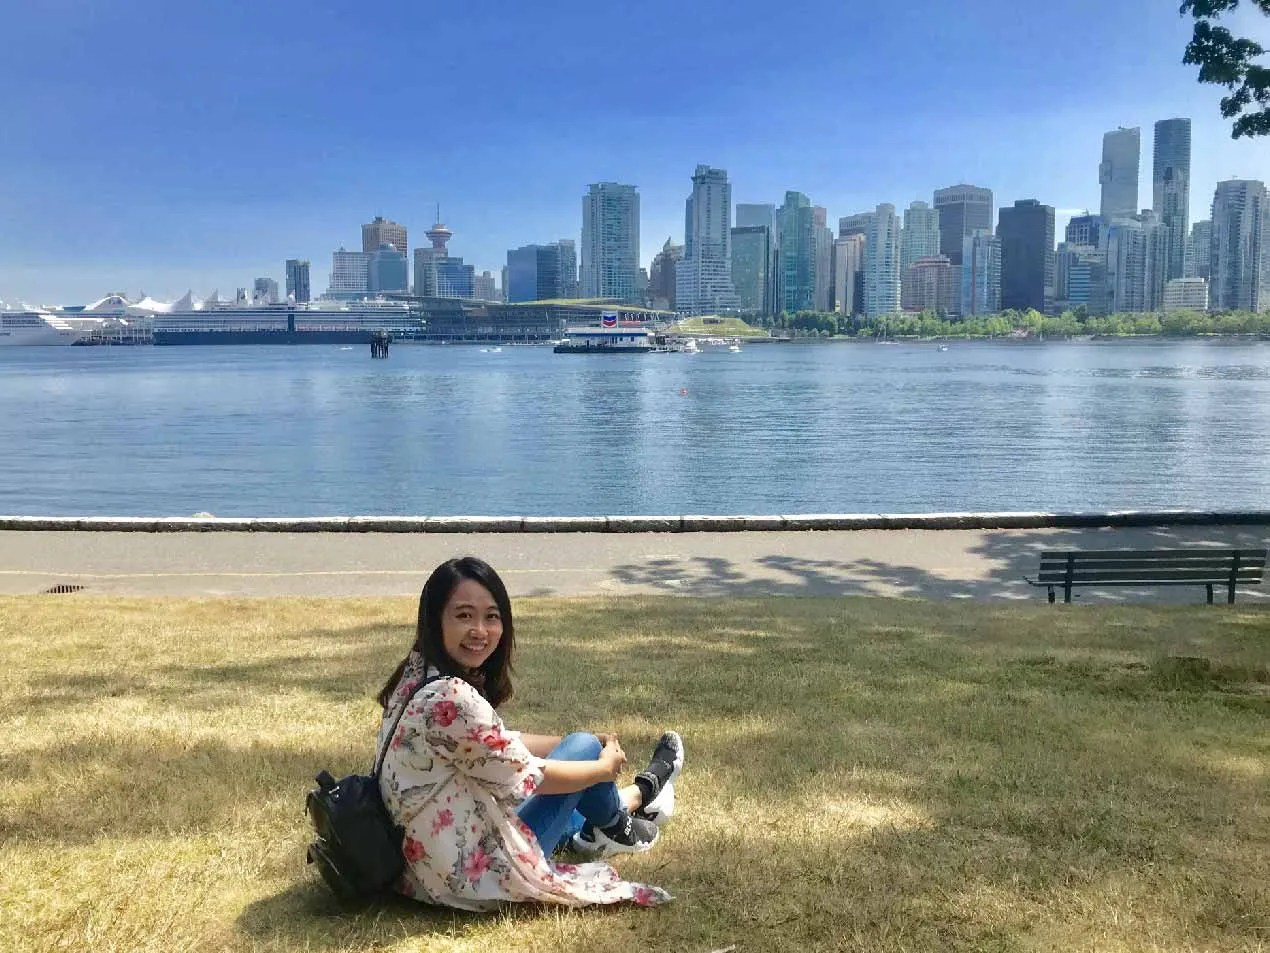 加拿大CICCC學生心得分享 – 阿兔 (溫哥華必來史丹利公園)